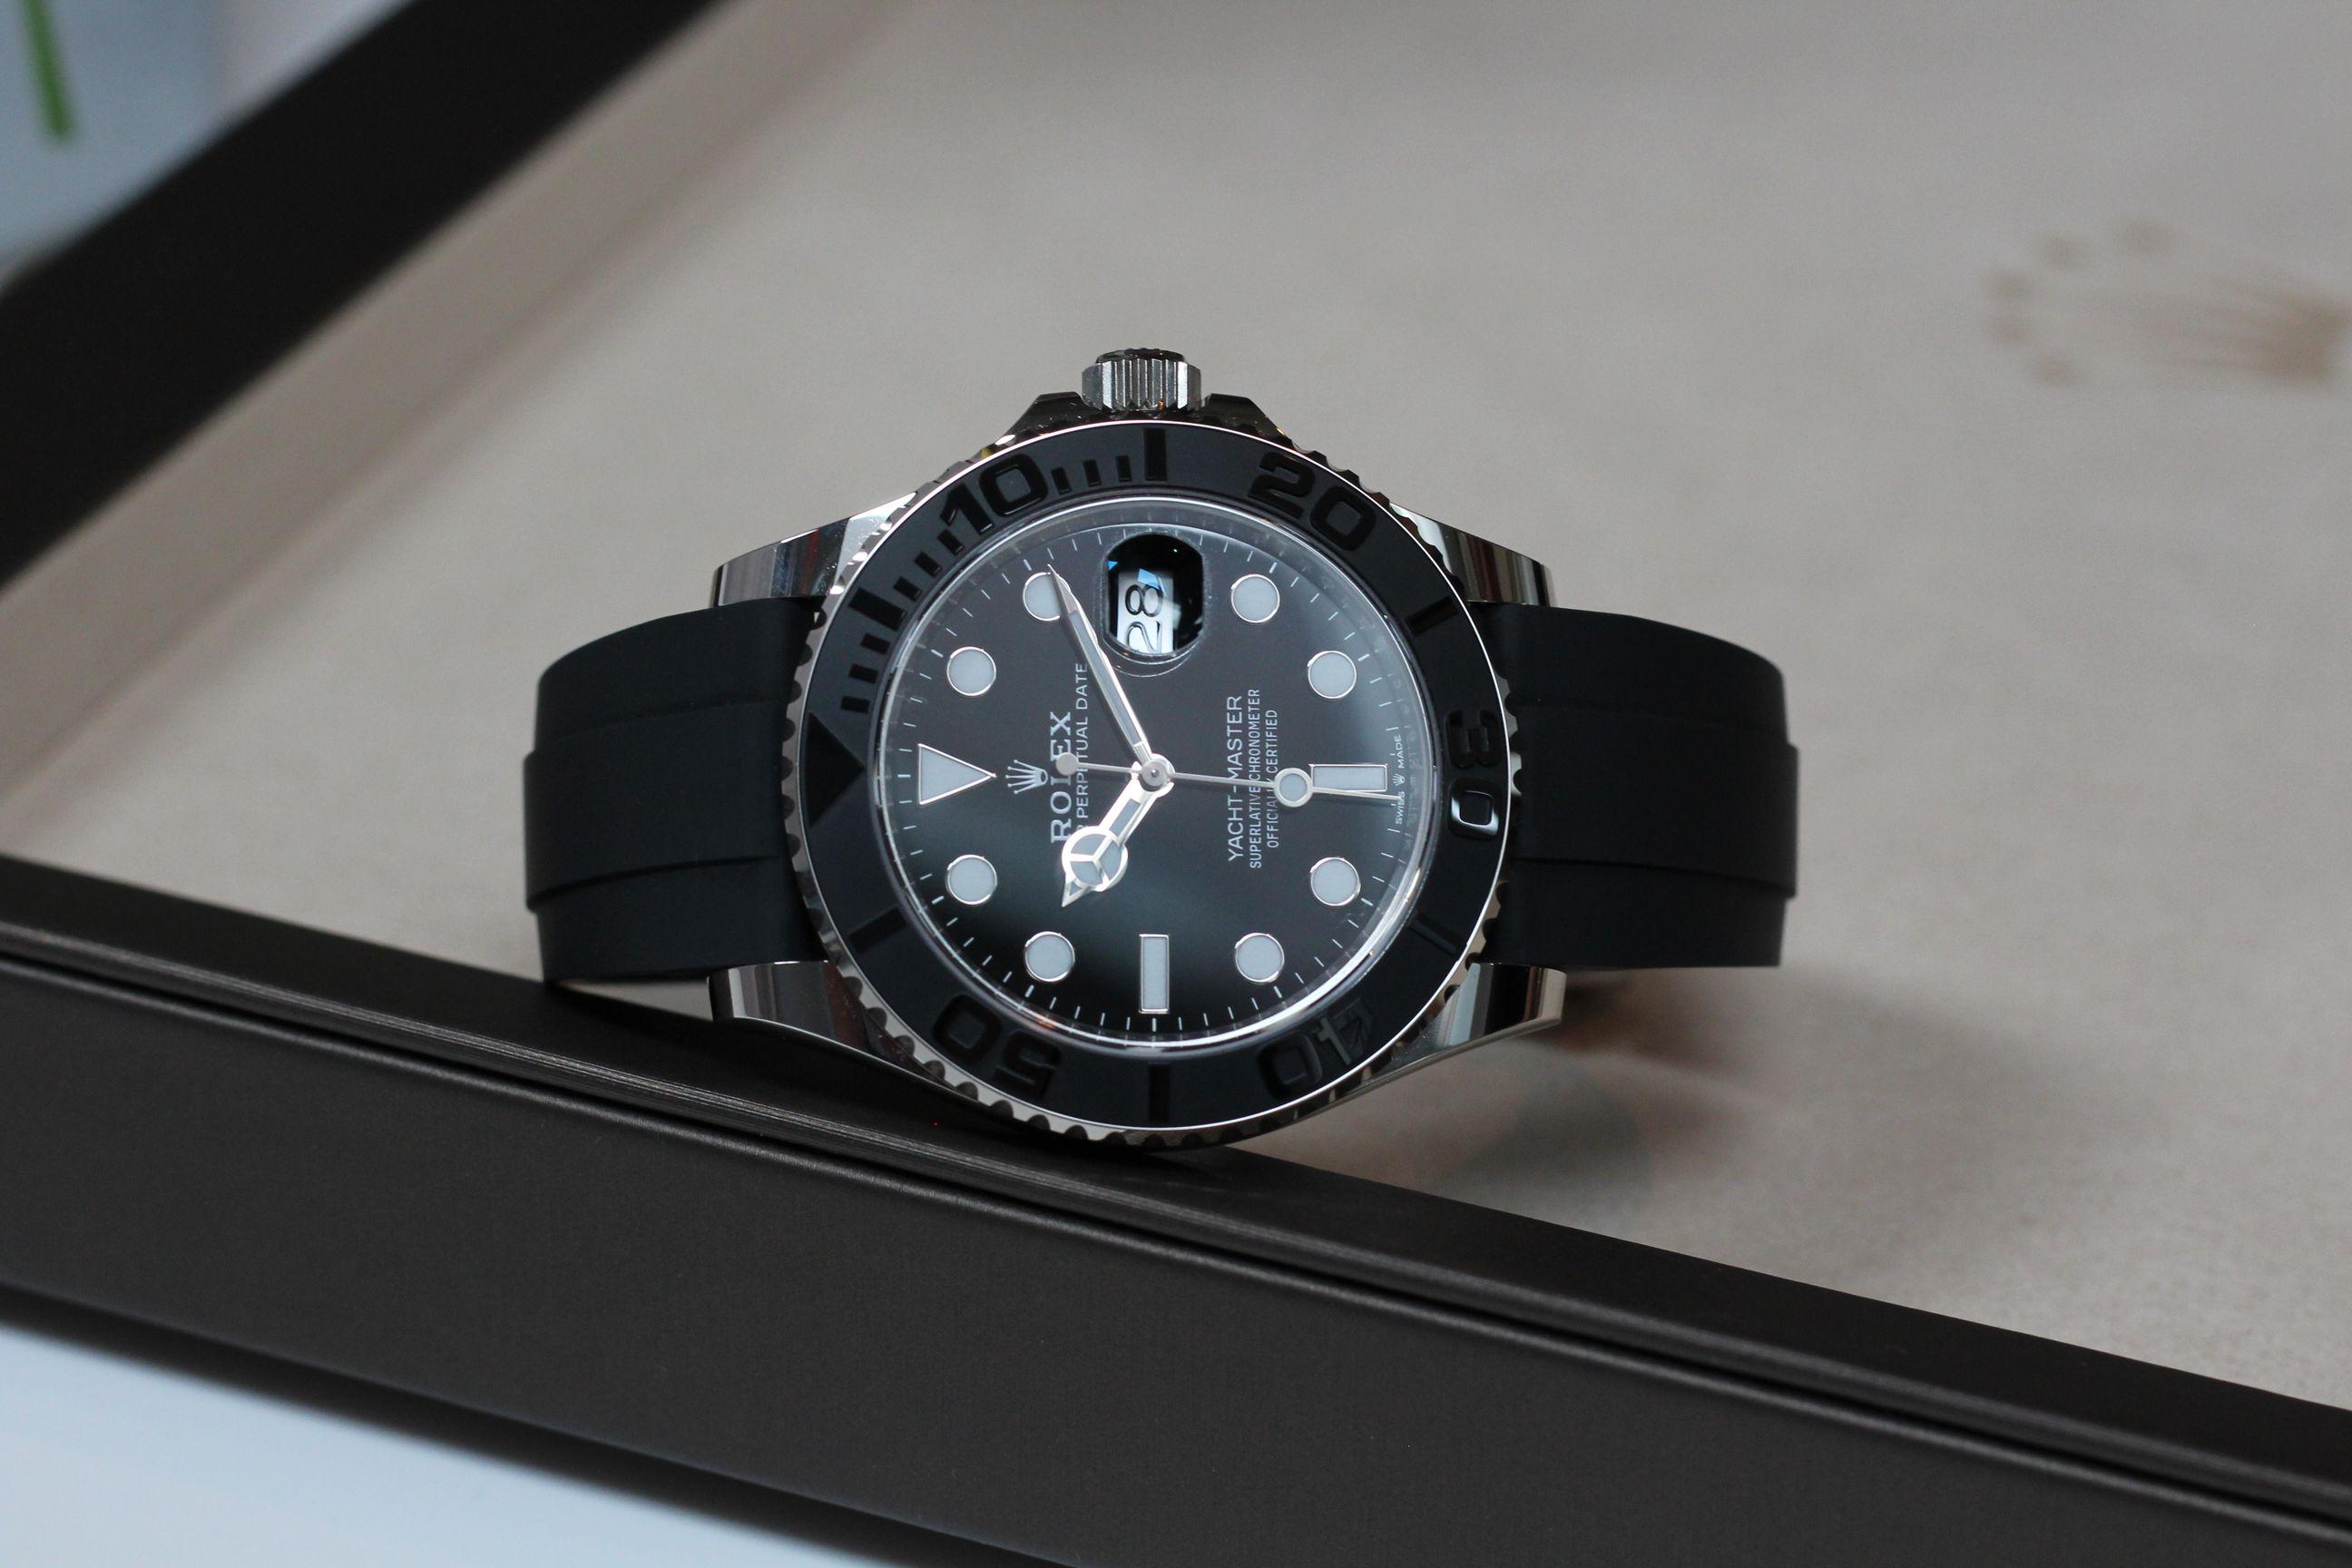 Rolex Yacht-Master 42 referece 226659